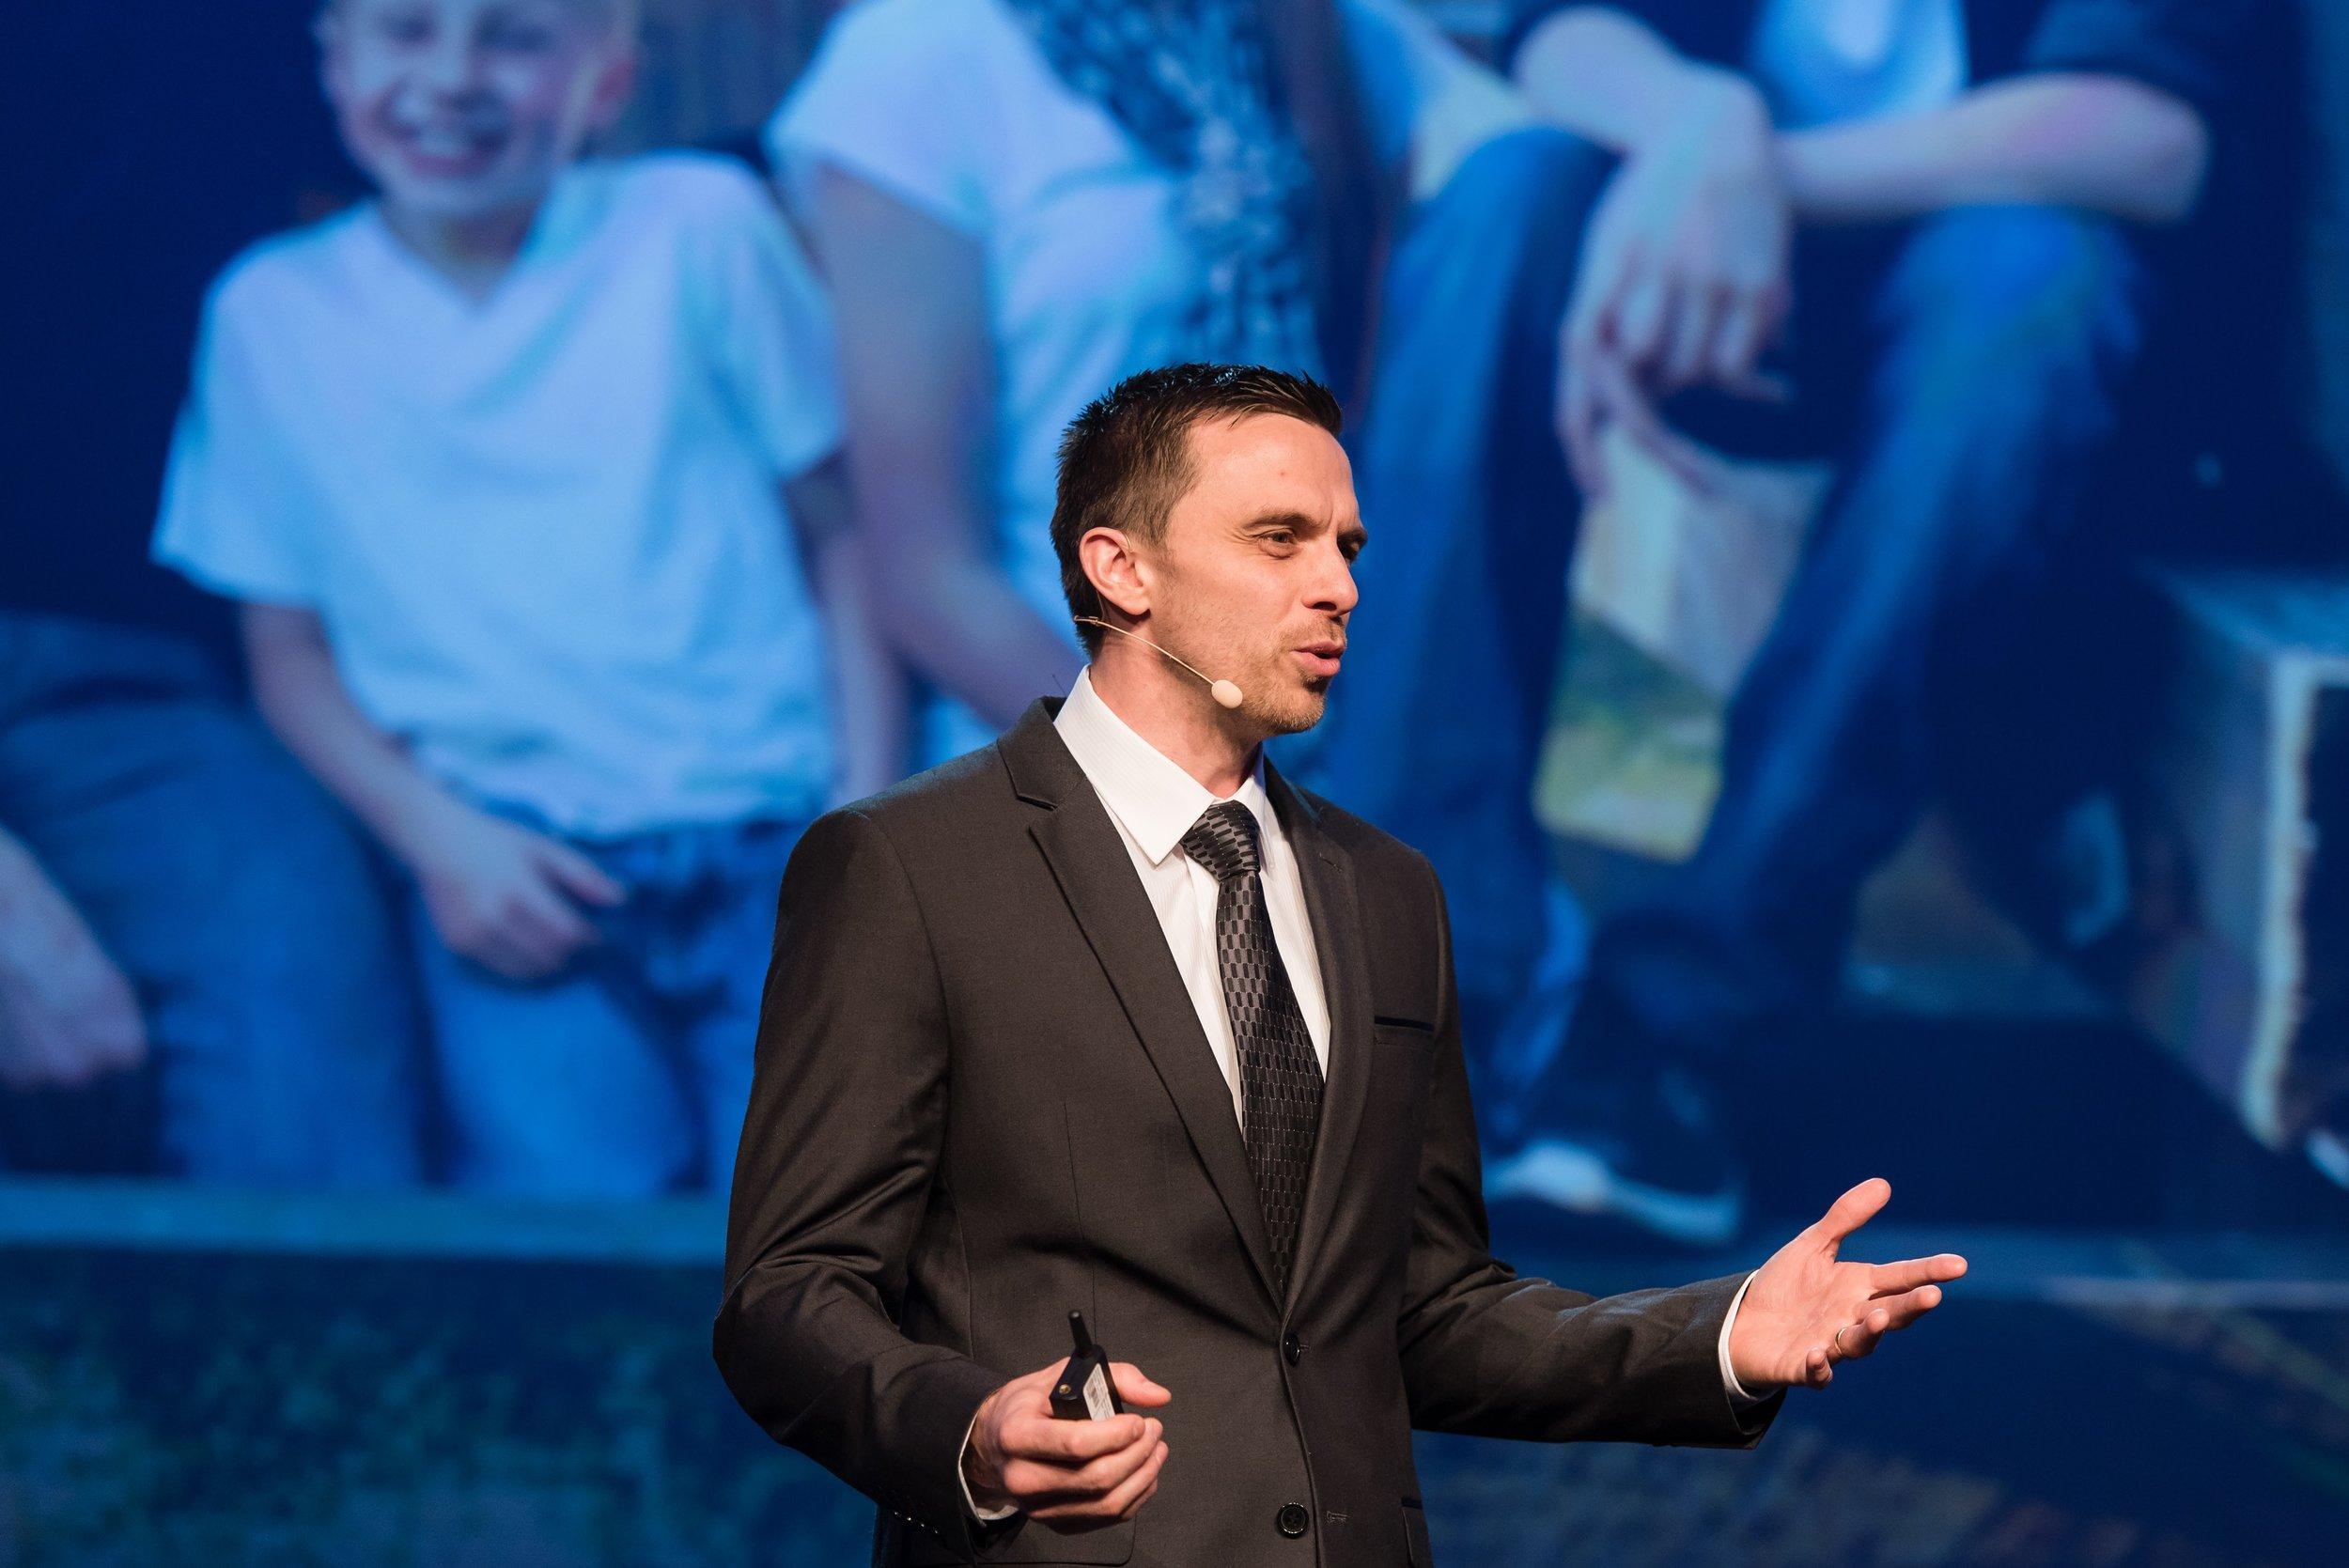 Natural storyteller &Motivator       Learn more